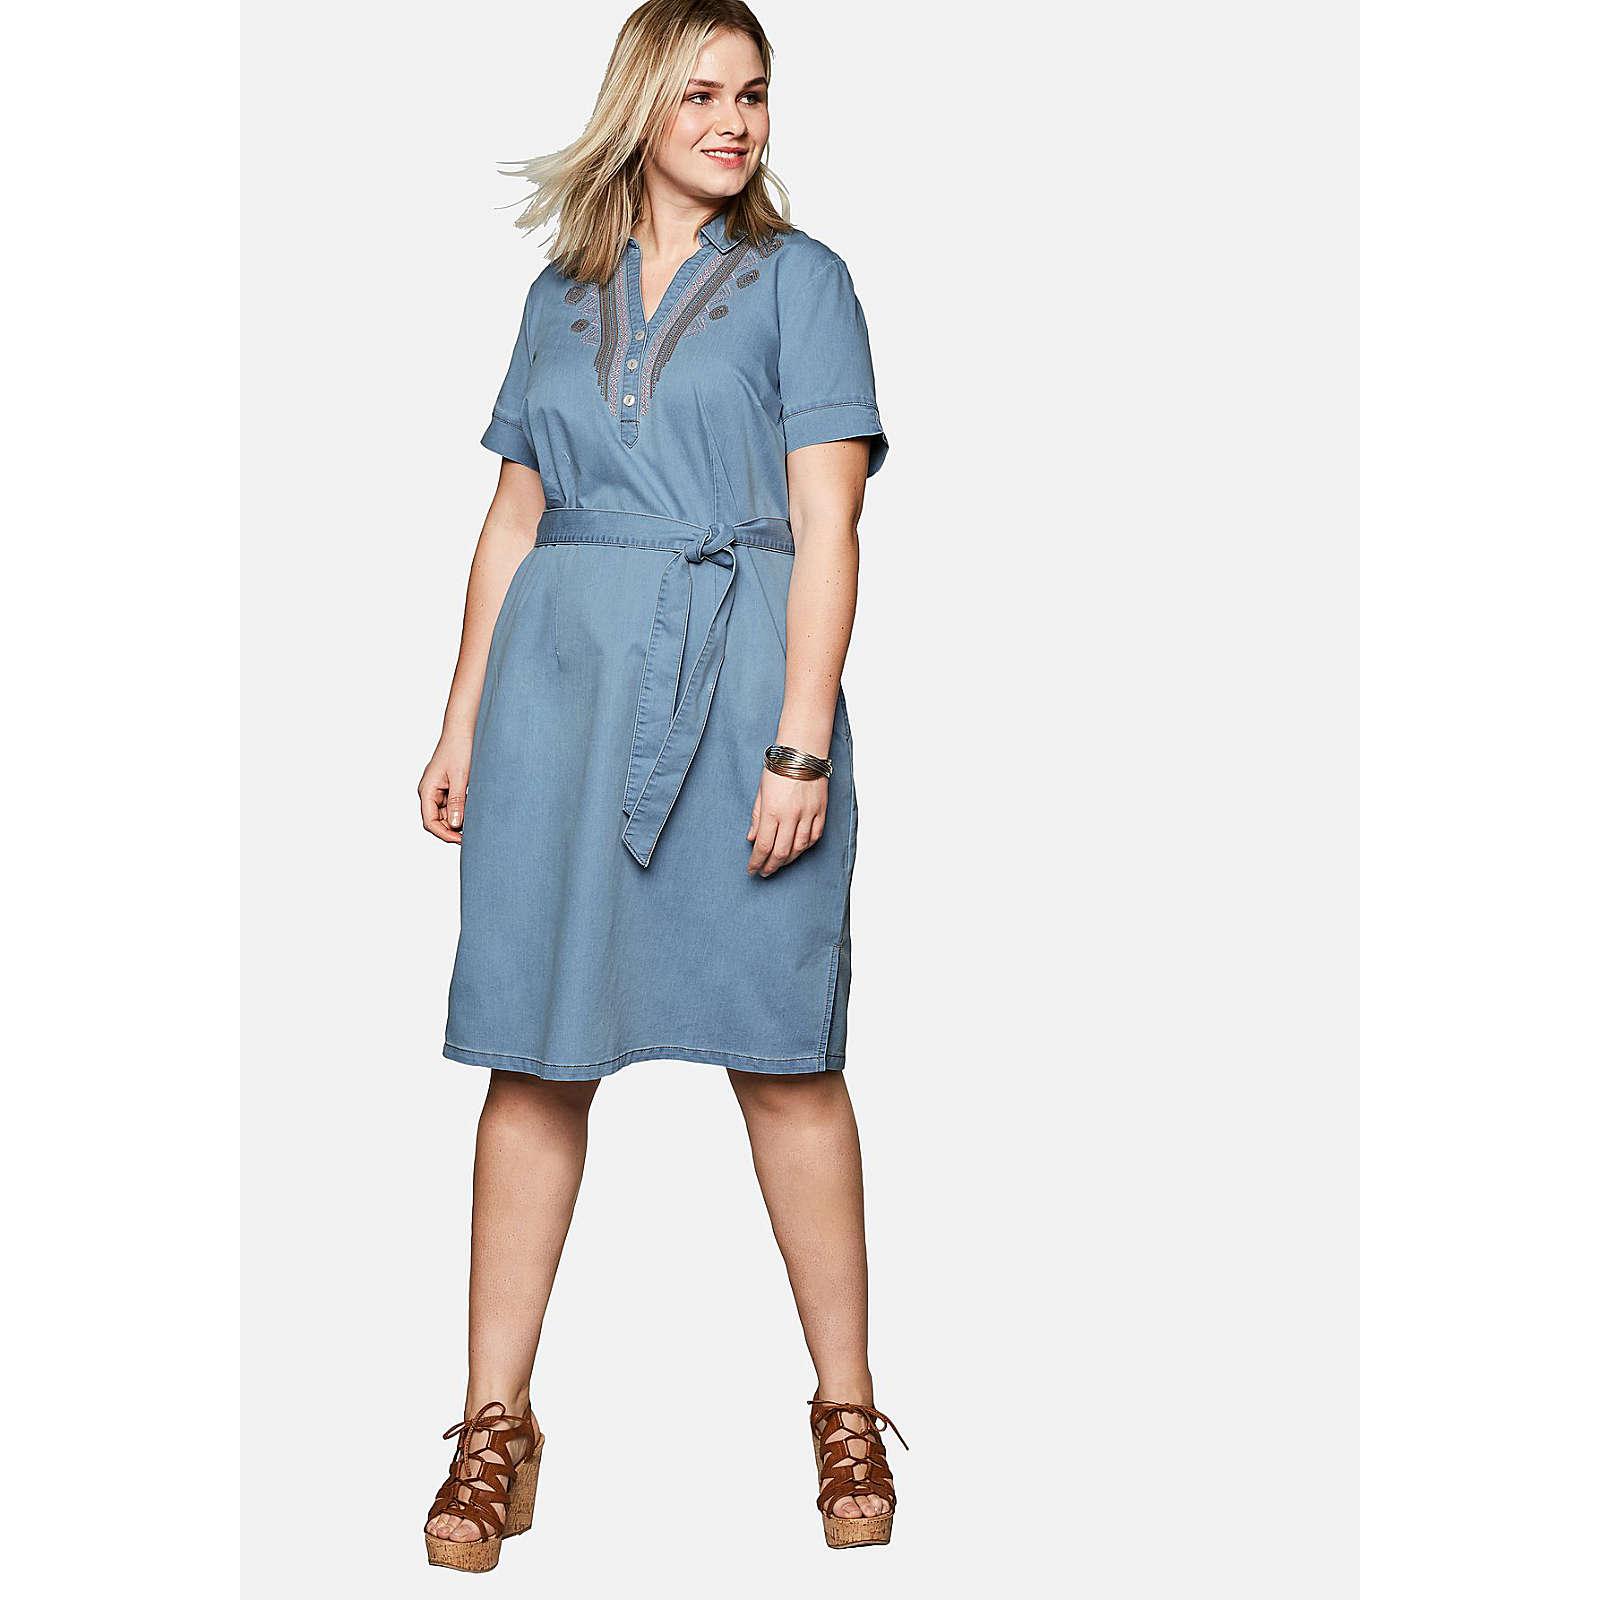 sheego Jeanskleid mit aufwendiger Stickerei am V-Ausschnitt Jeanskleider hellblau Damen Gr. 44